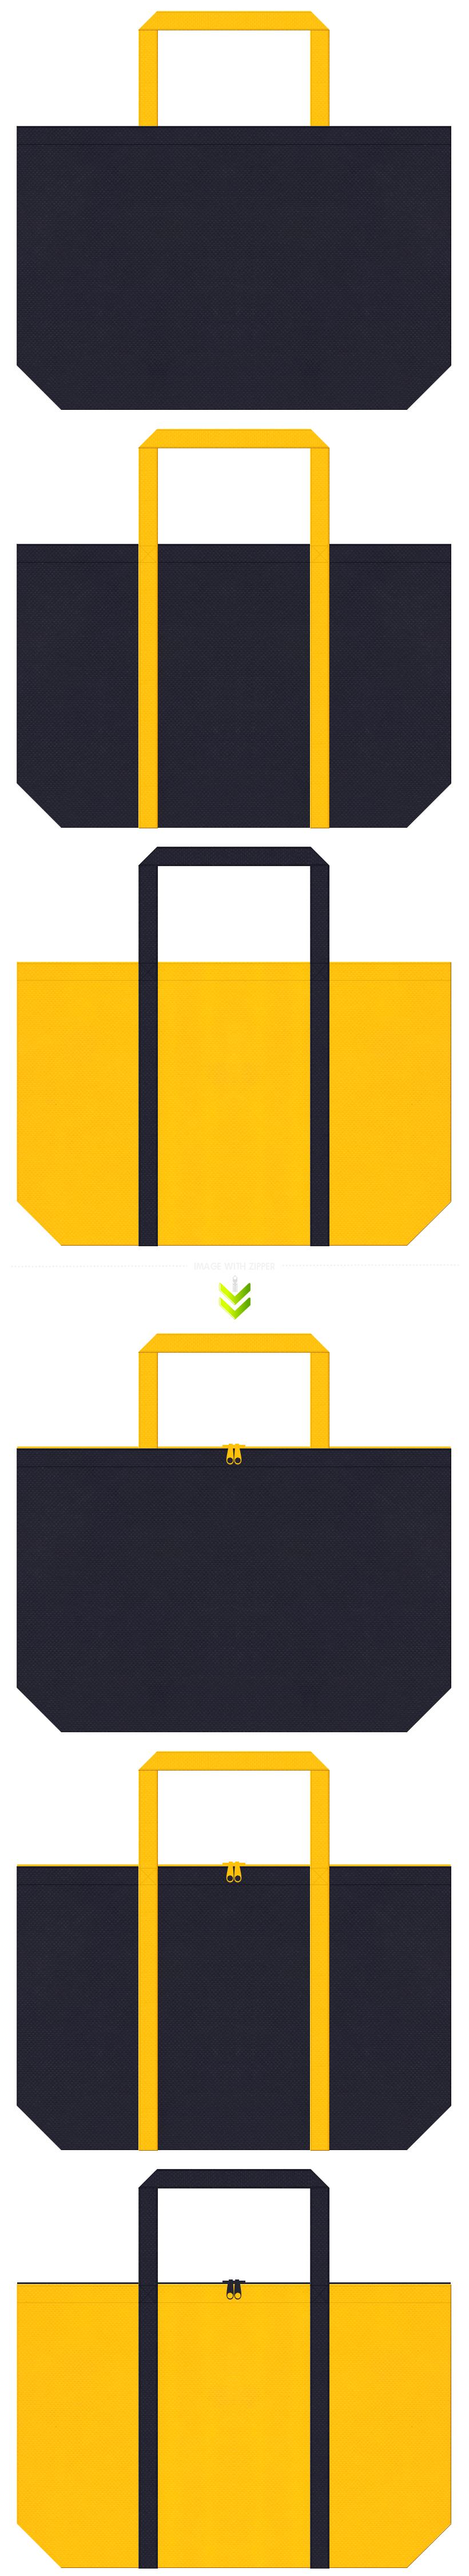 濃紺色と黄色の不織布エコバッグのデザイン。スポーティーファッションのショッピングバッグ、電気・通信機器のノベルティにお奨めです。